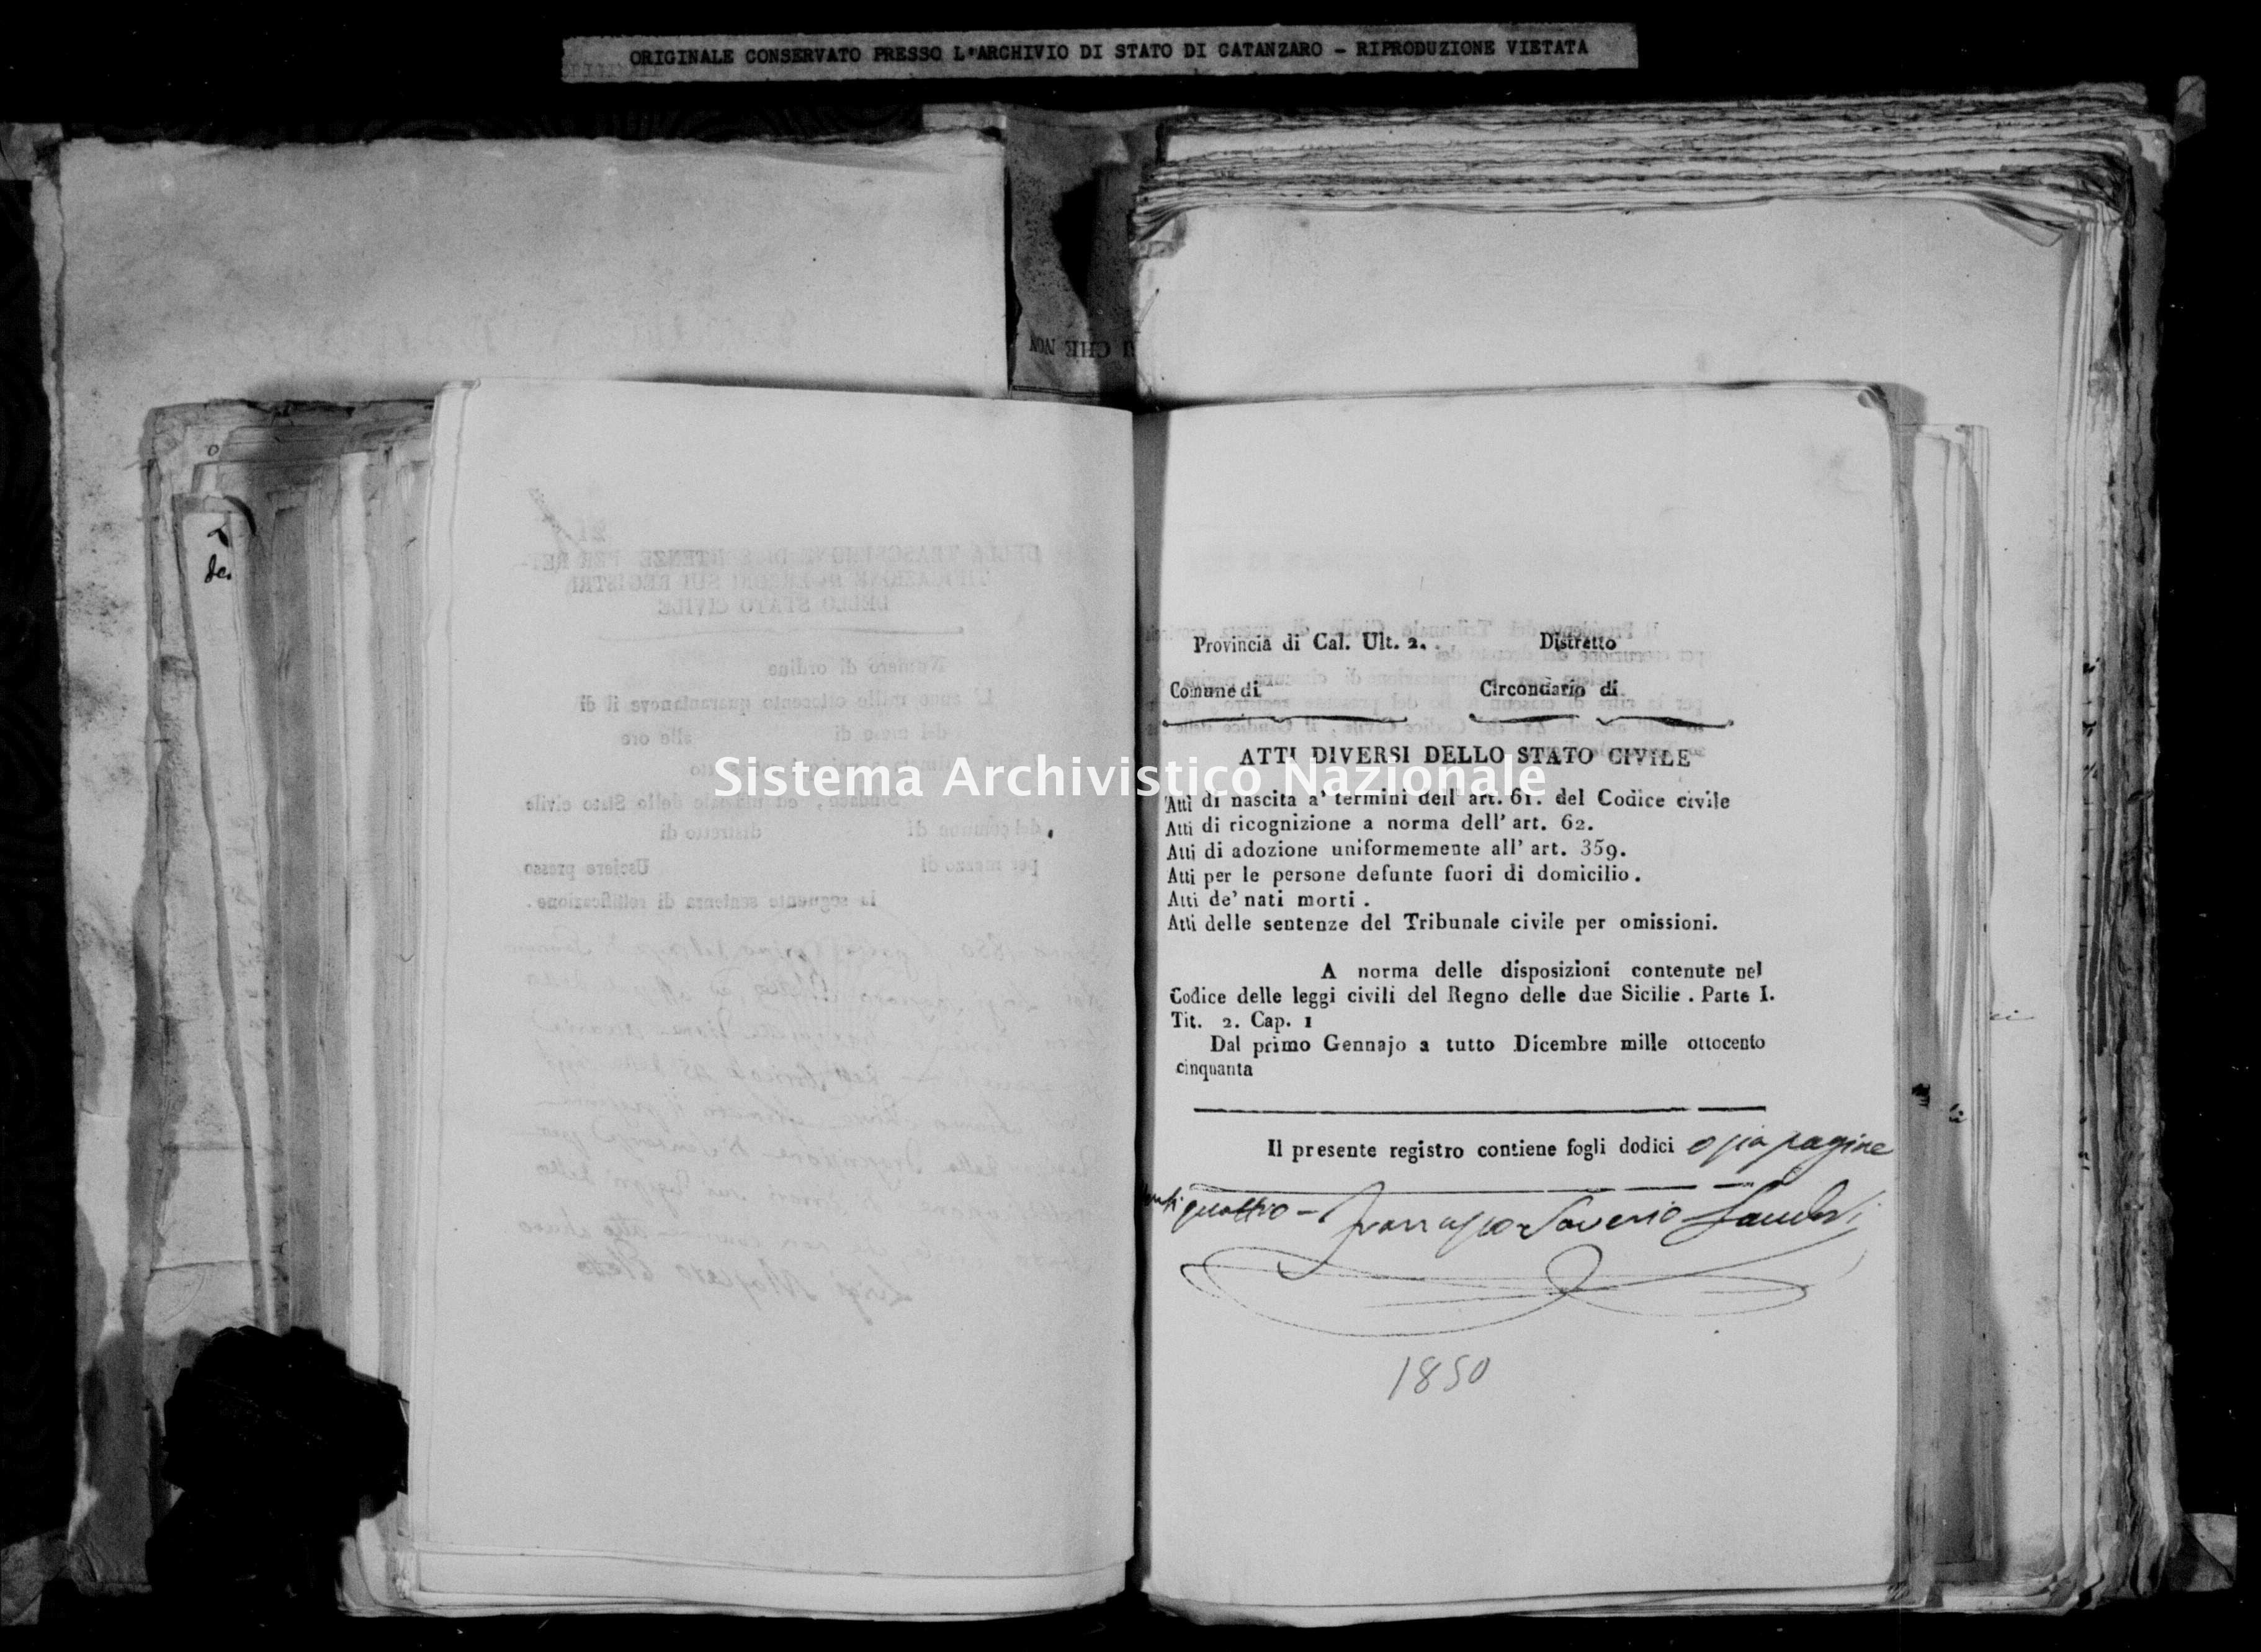 Archivio di stato di Catanzaro - Stato civile della restaurazione - Accaria - Diversi - 1850 -